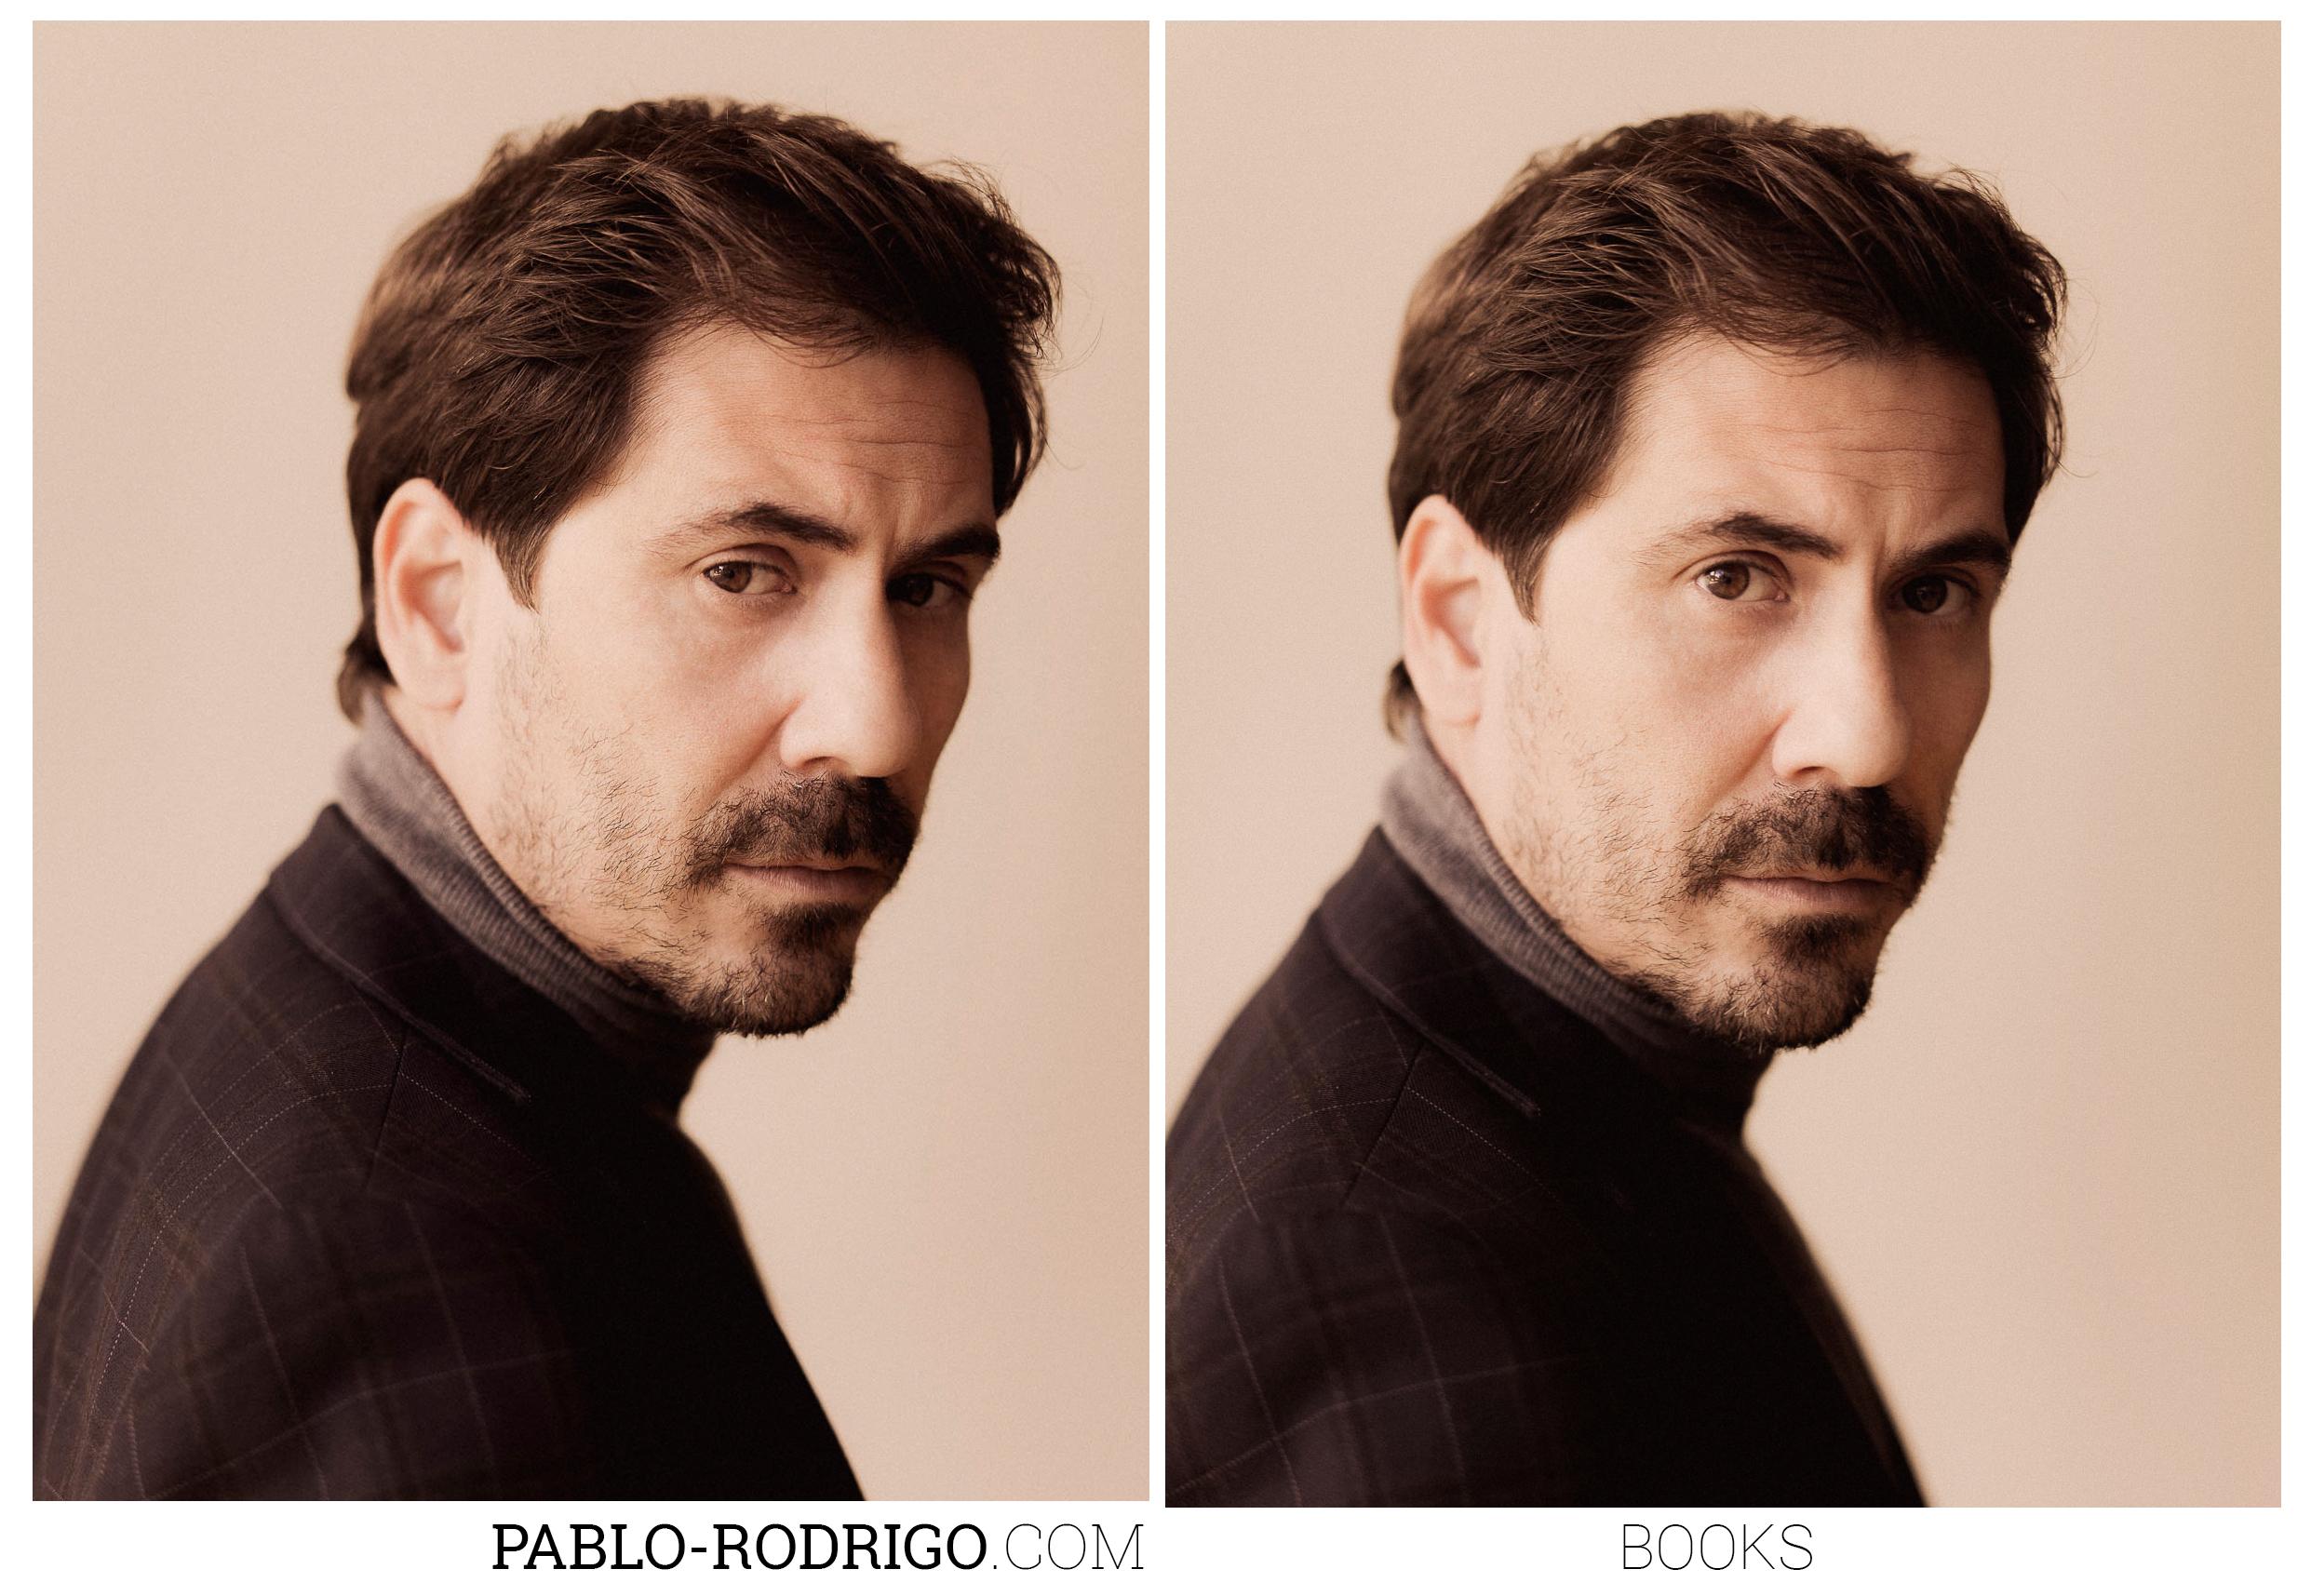 Sesión de fotos con el actor Antonio Alcalde. Madrid, 2017. Representado por Olga Lorente.